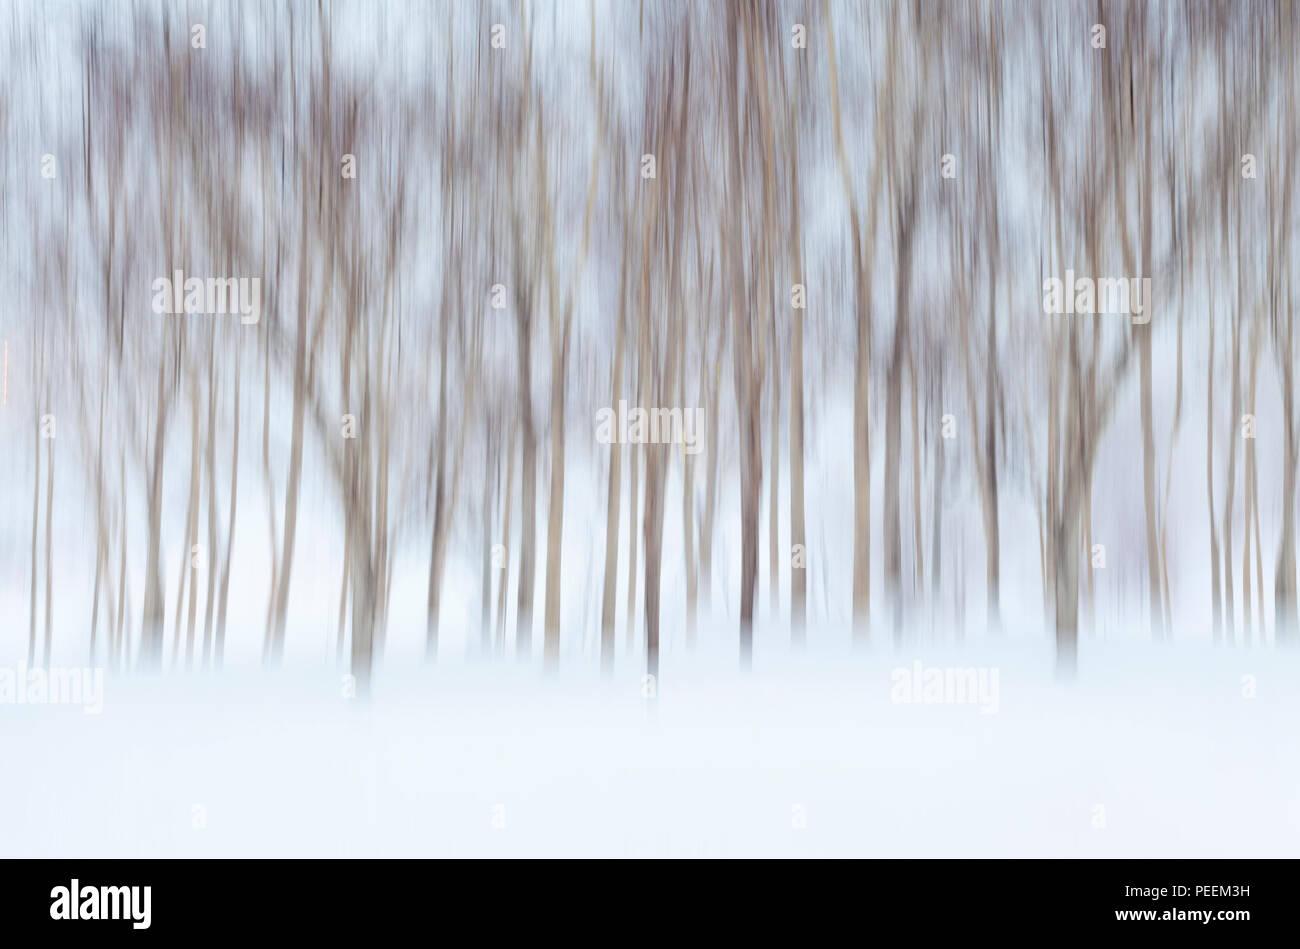 Abstrakte winterliche Hintergrund mit Bewegung verwischt Birken und Schnee Stockbild